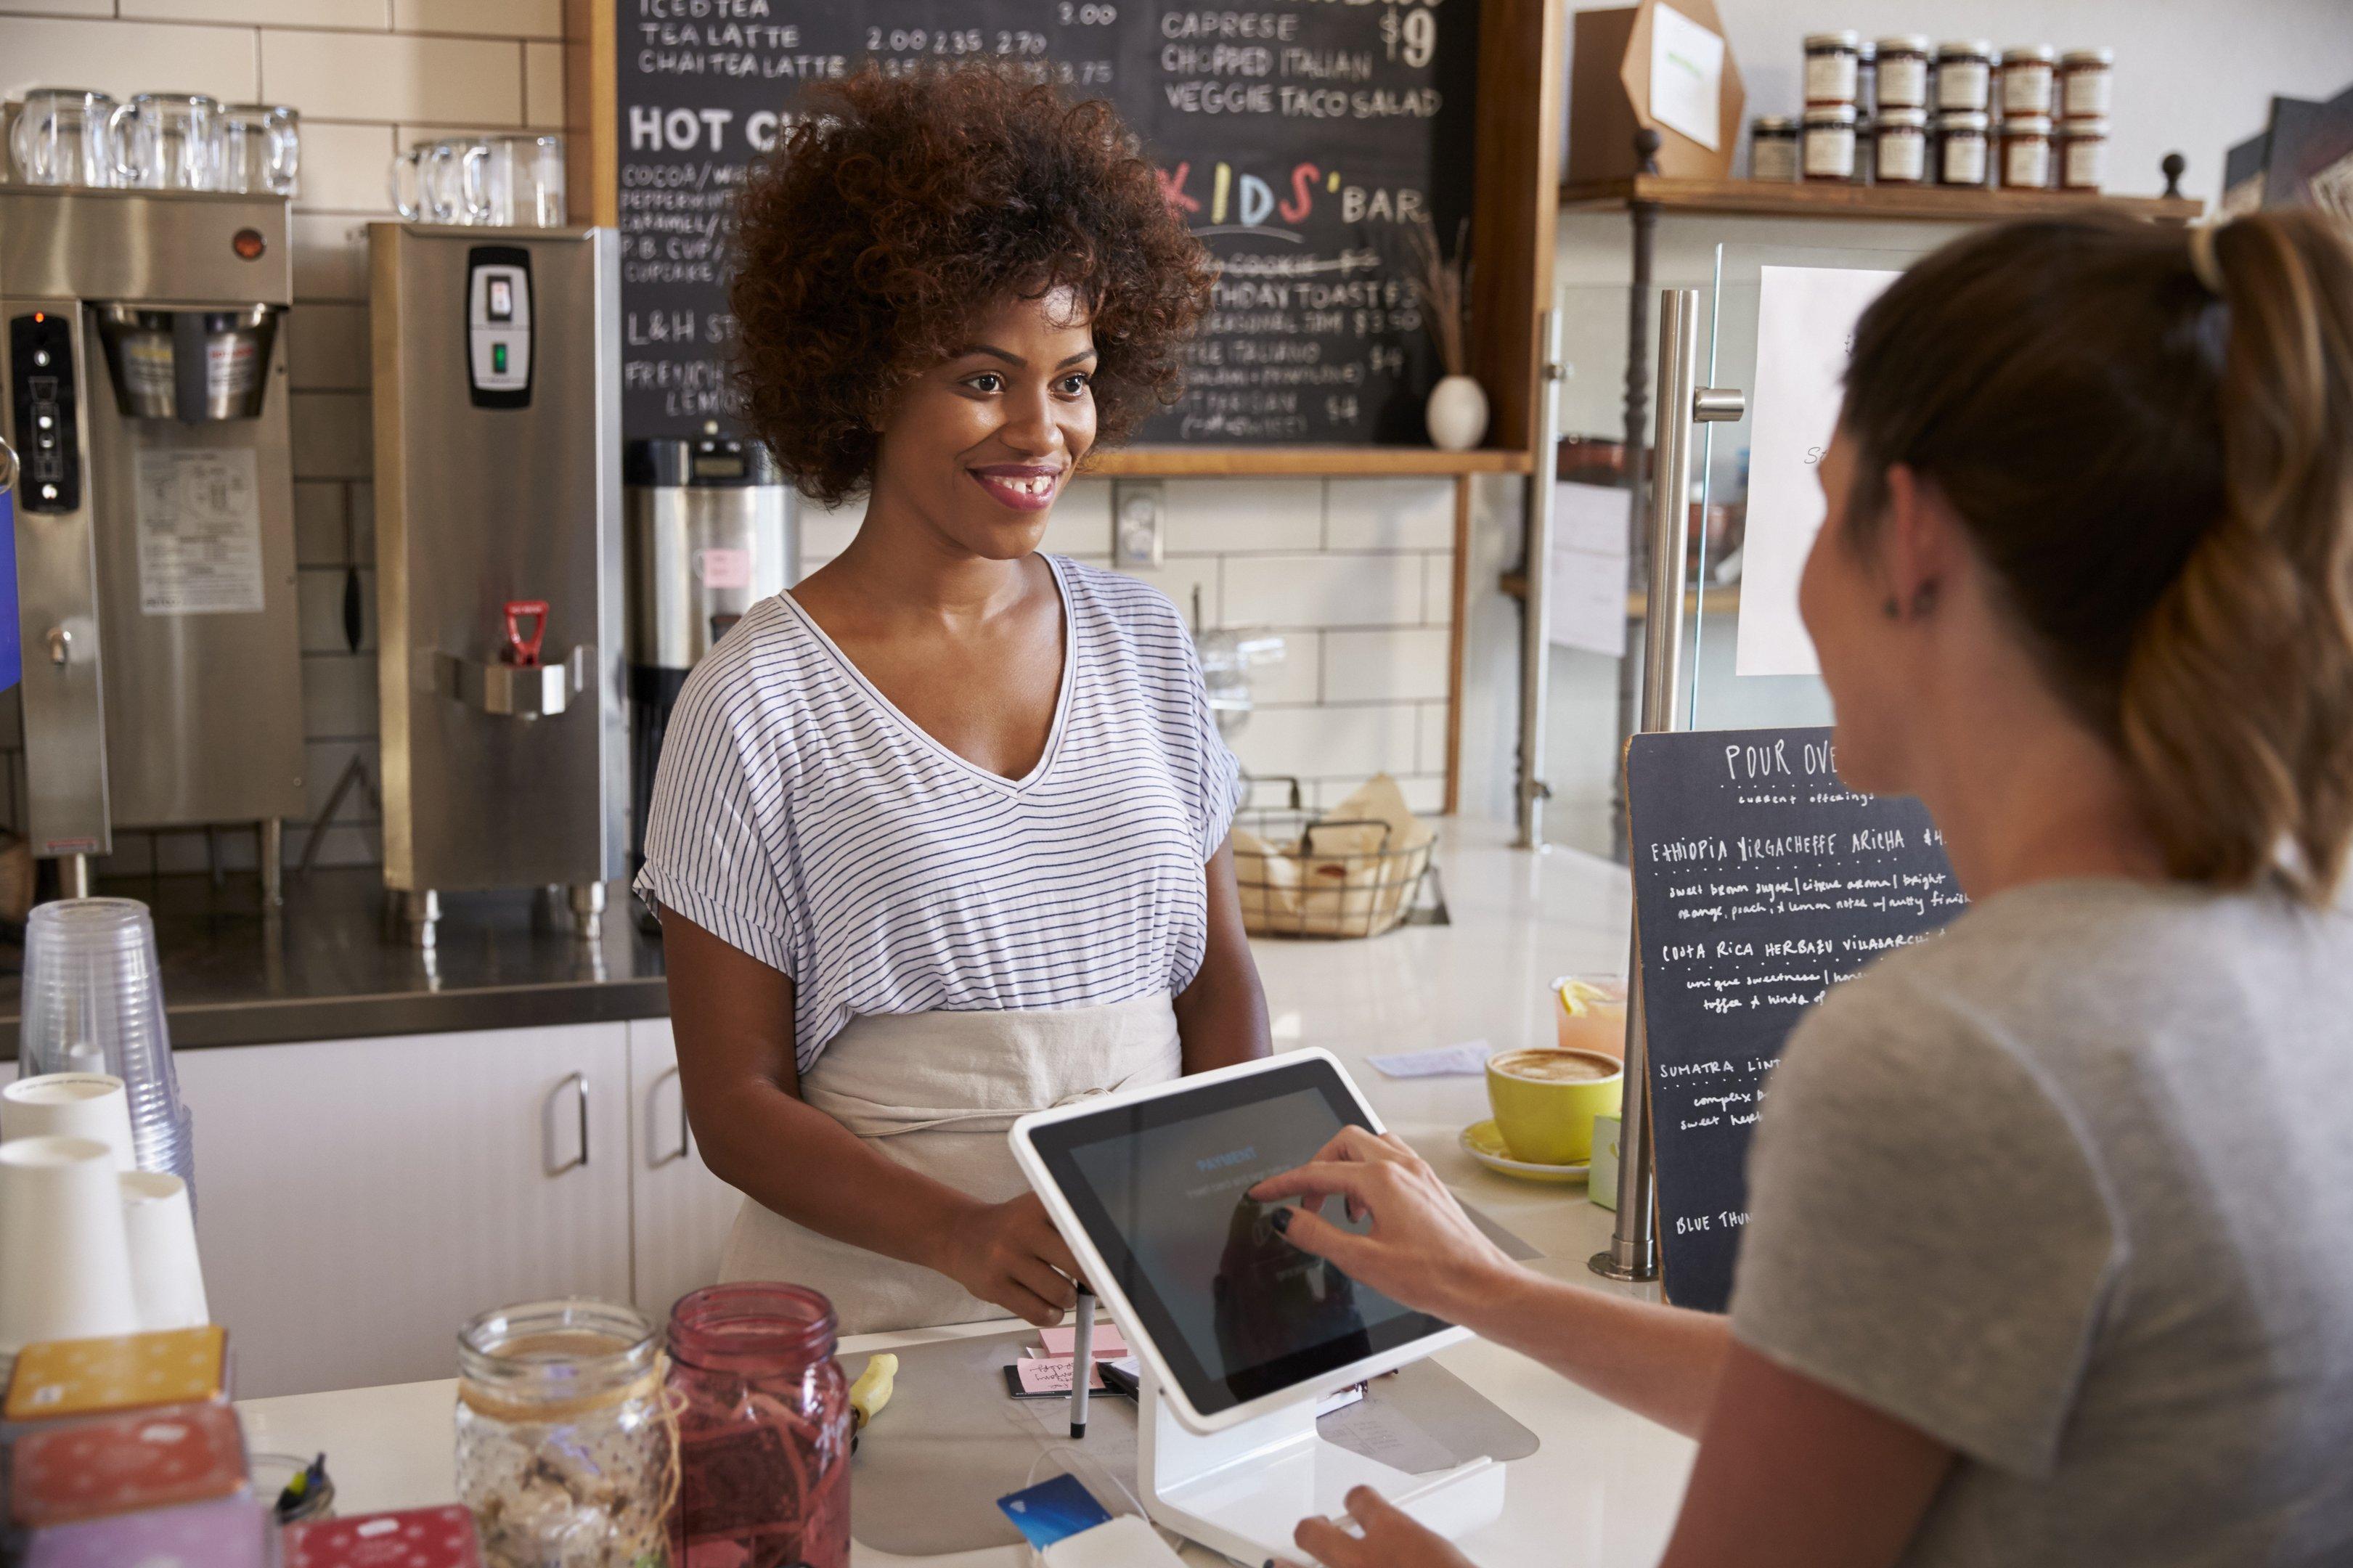 Vendedora/empreendedora e consumidor em balcão de loja, pagando